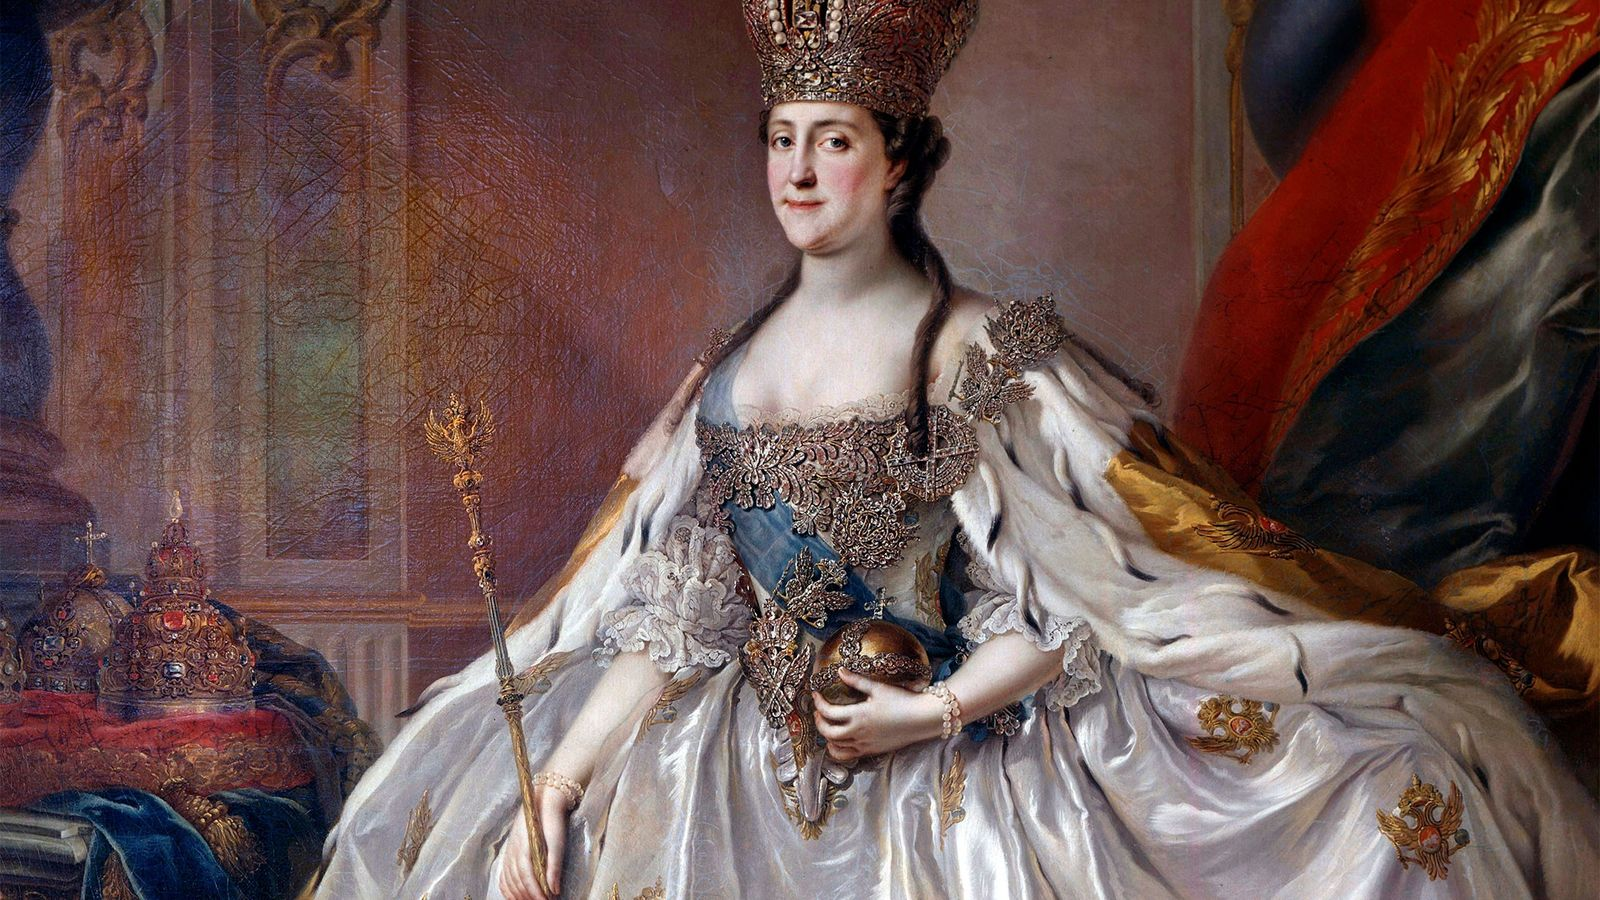 Ein Porträt von Katharina der Großen in ihrer Krönungsrobe nachdem sie ihren Ehemann, Peter III. im ...